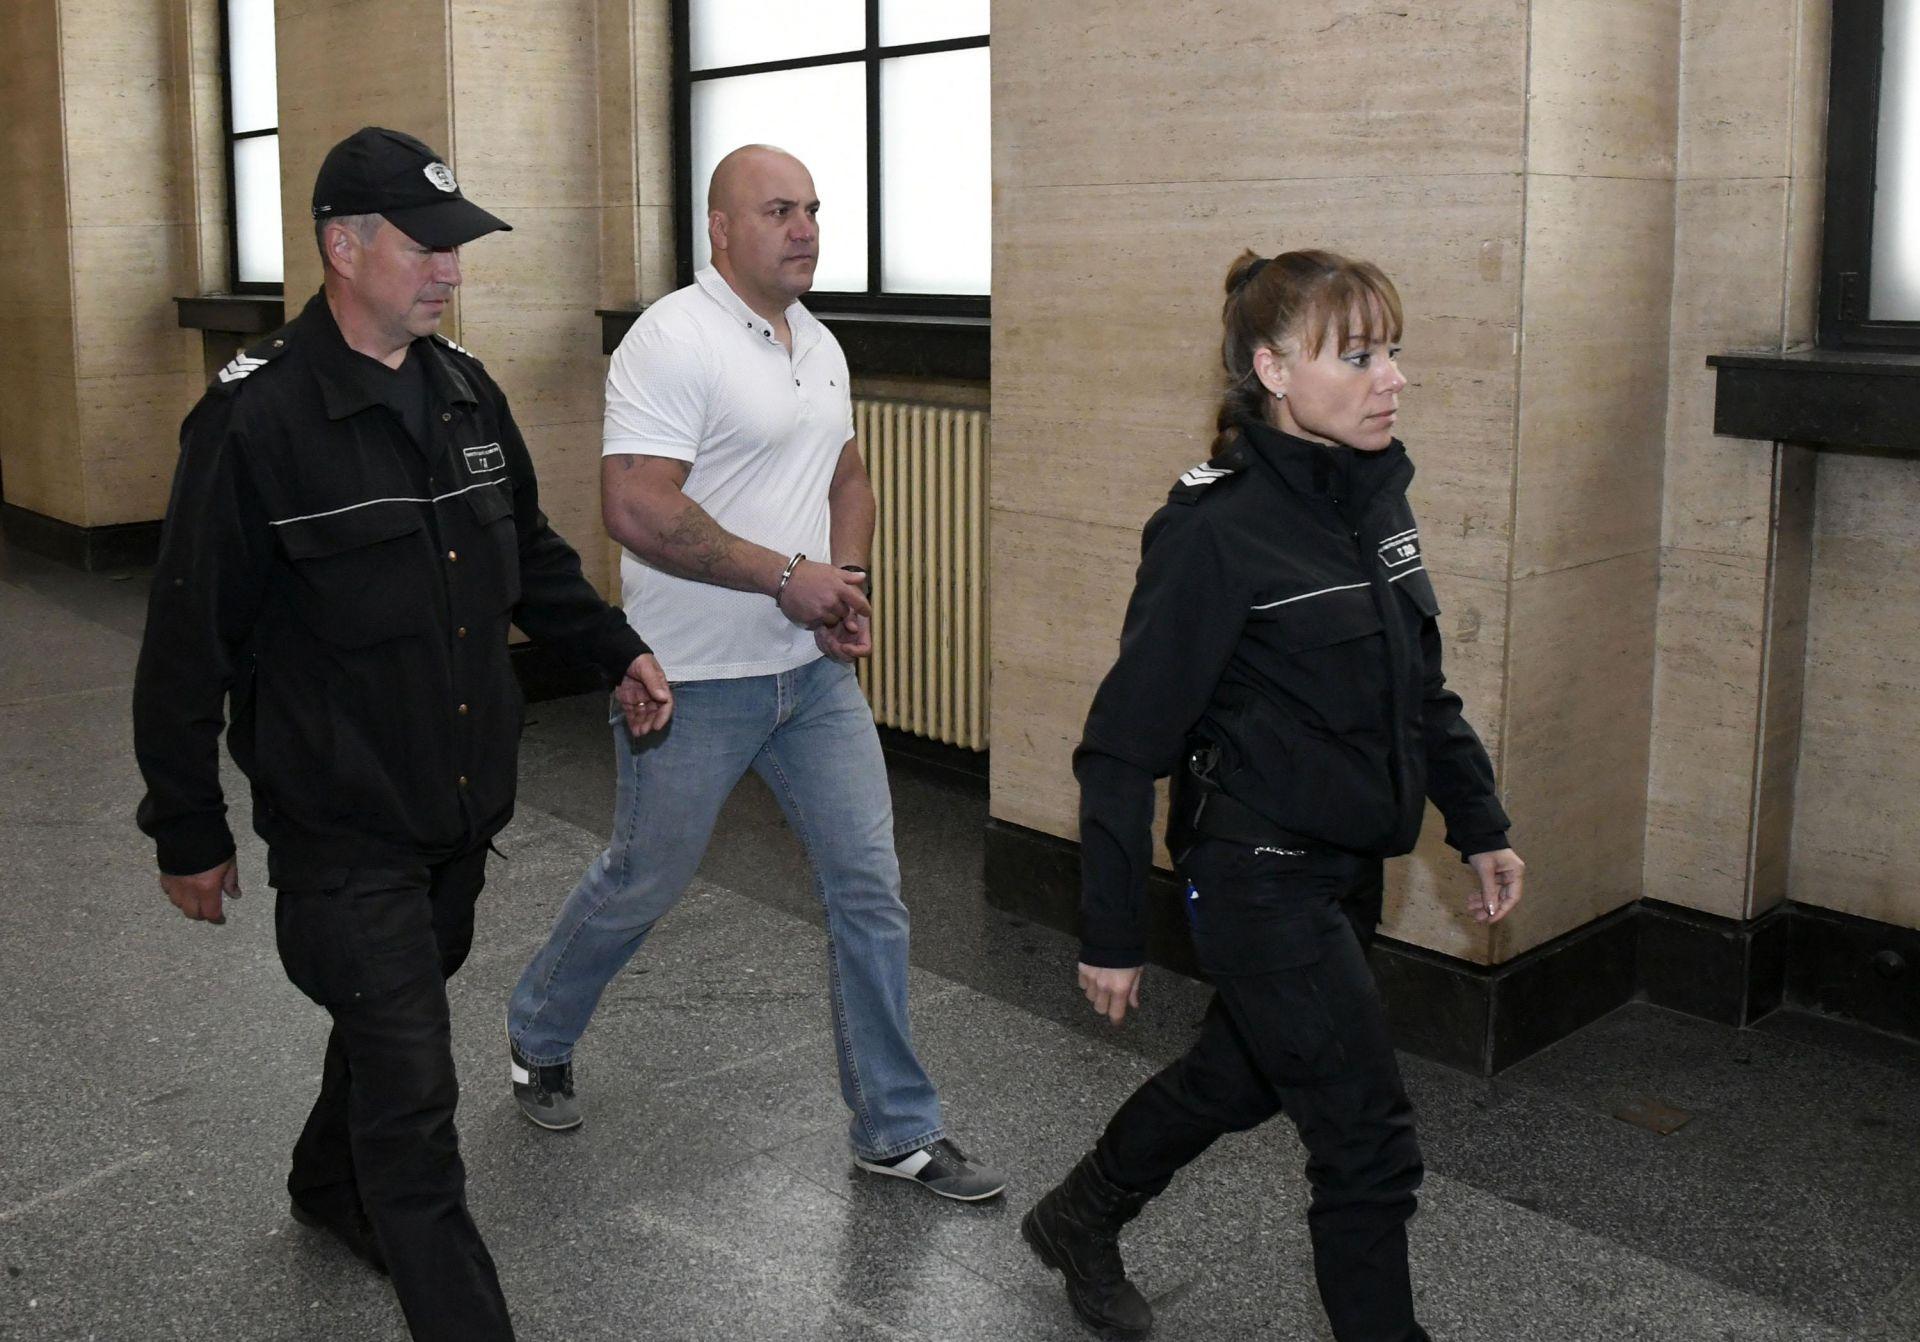 38-годишният мъж, който излежаваше присъда от 15 г. лишаване от свобода, беше преместен от затвора в Бургас в София на 15 ноември 2018 г., защото приятелката му живее в столицата.